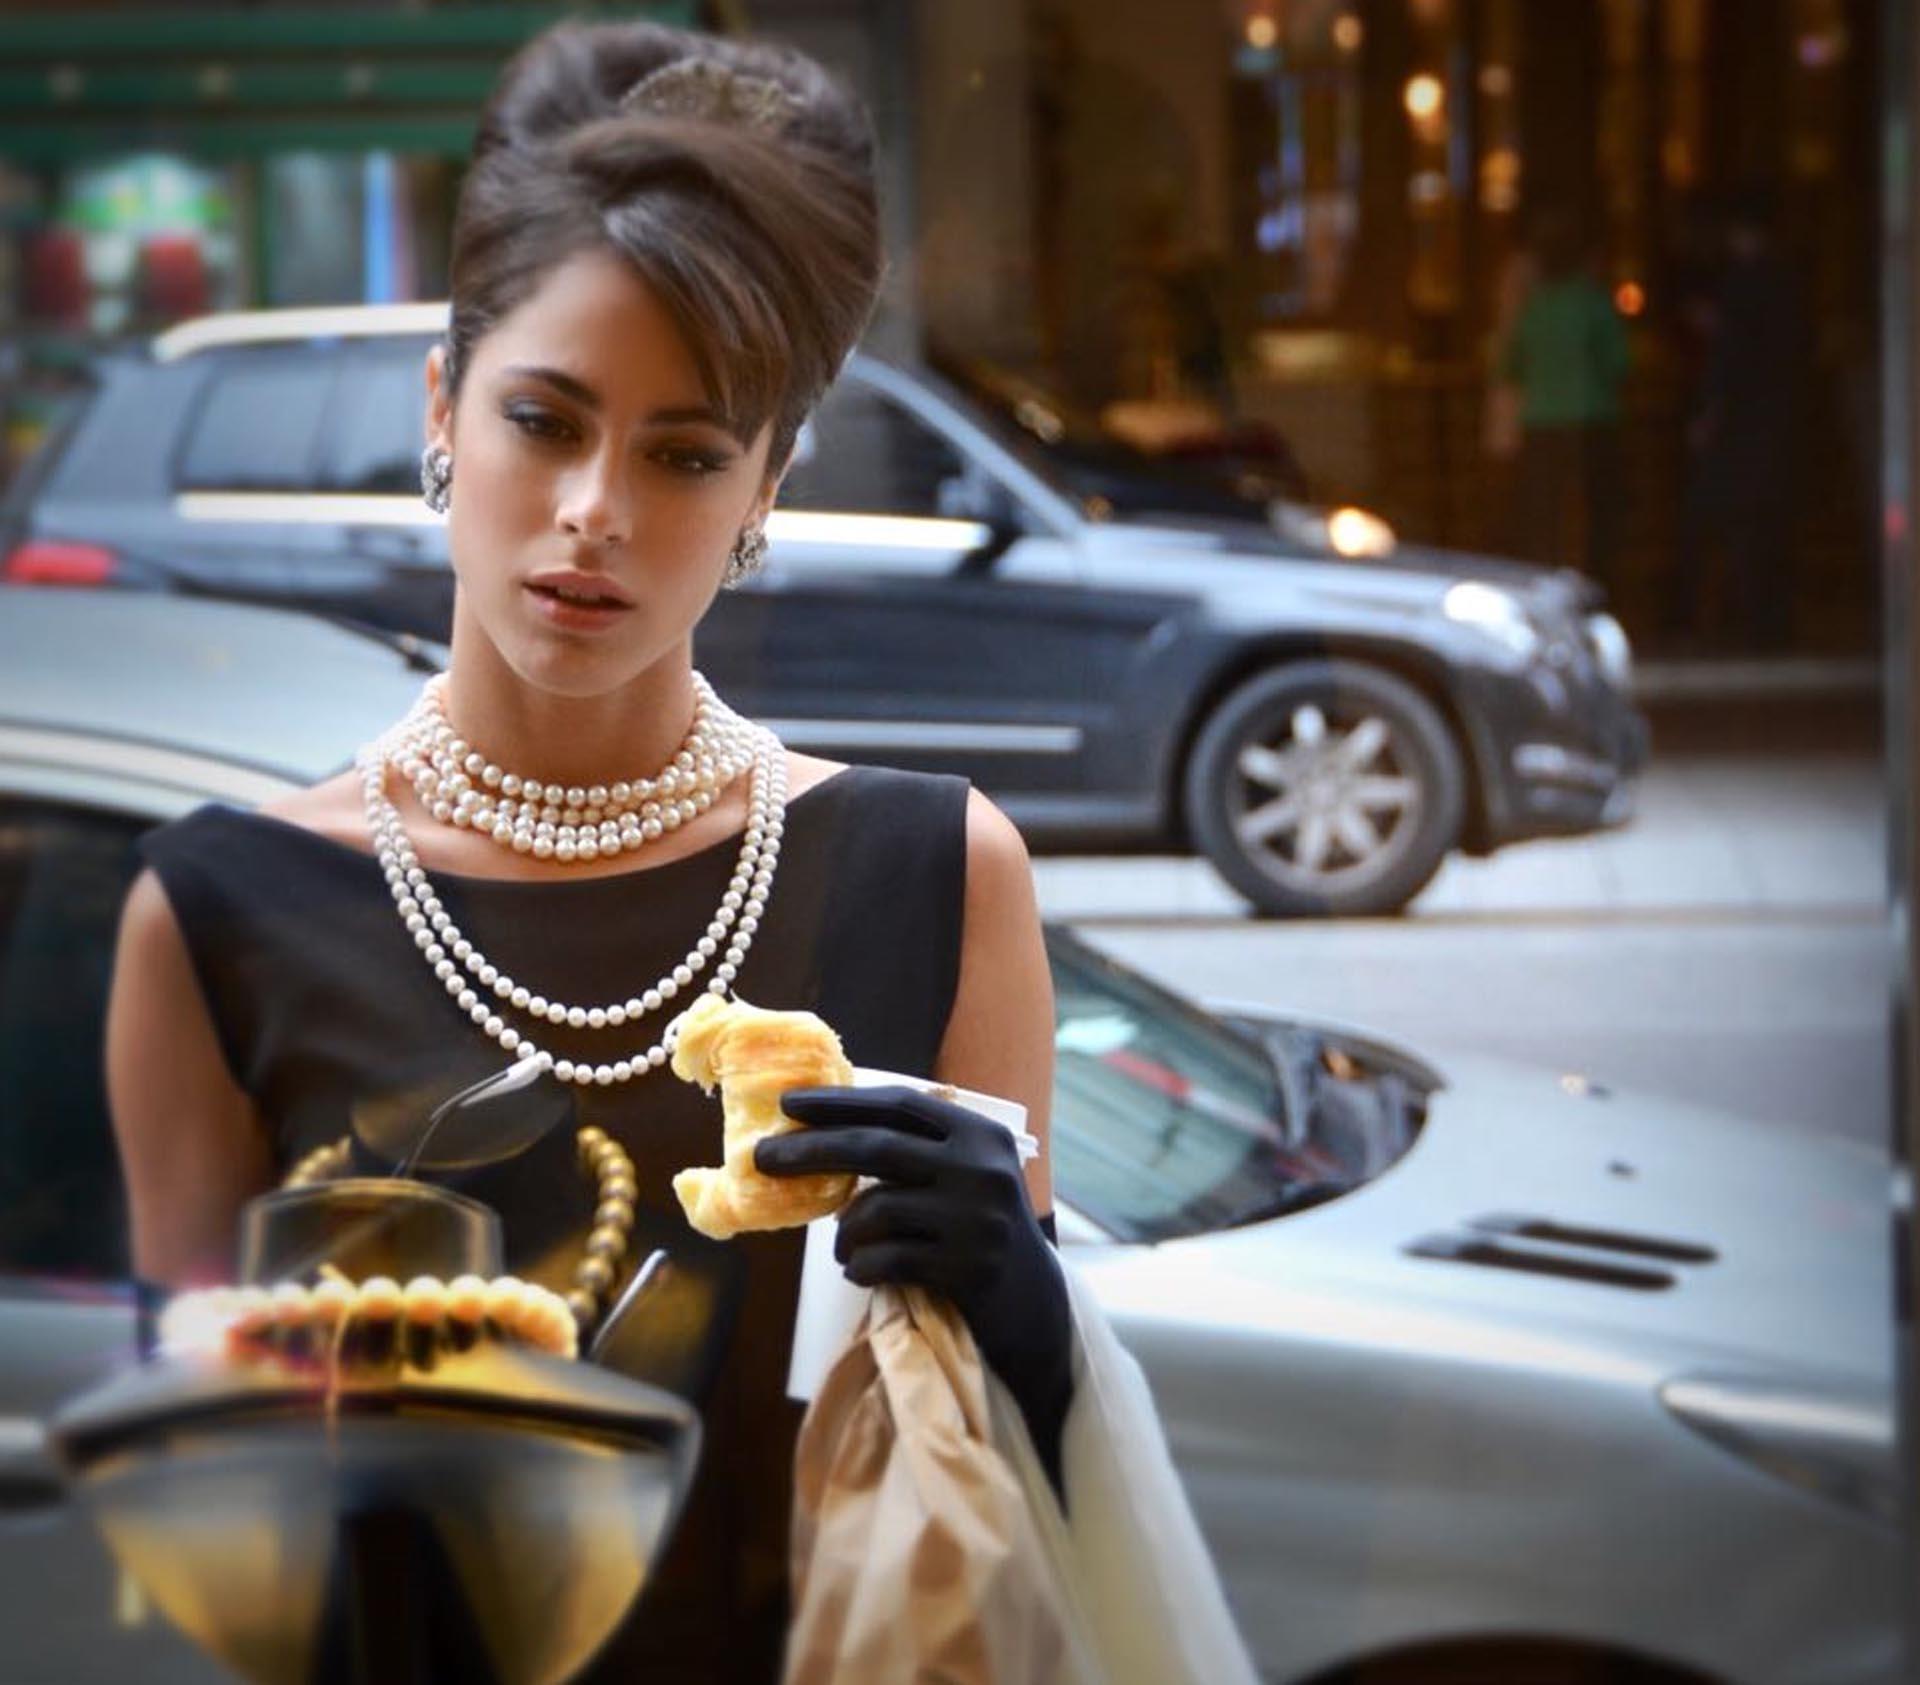 ¡El mismo ángel! Tini Stoessel personificó a la mítica Audrey Hepburn para una producción de fotos realizada por Cristina Pérez